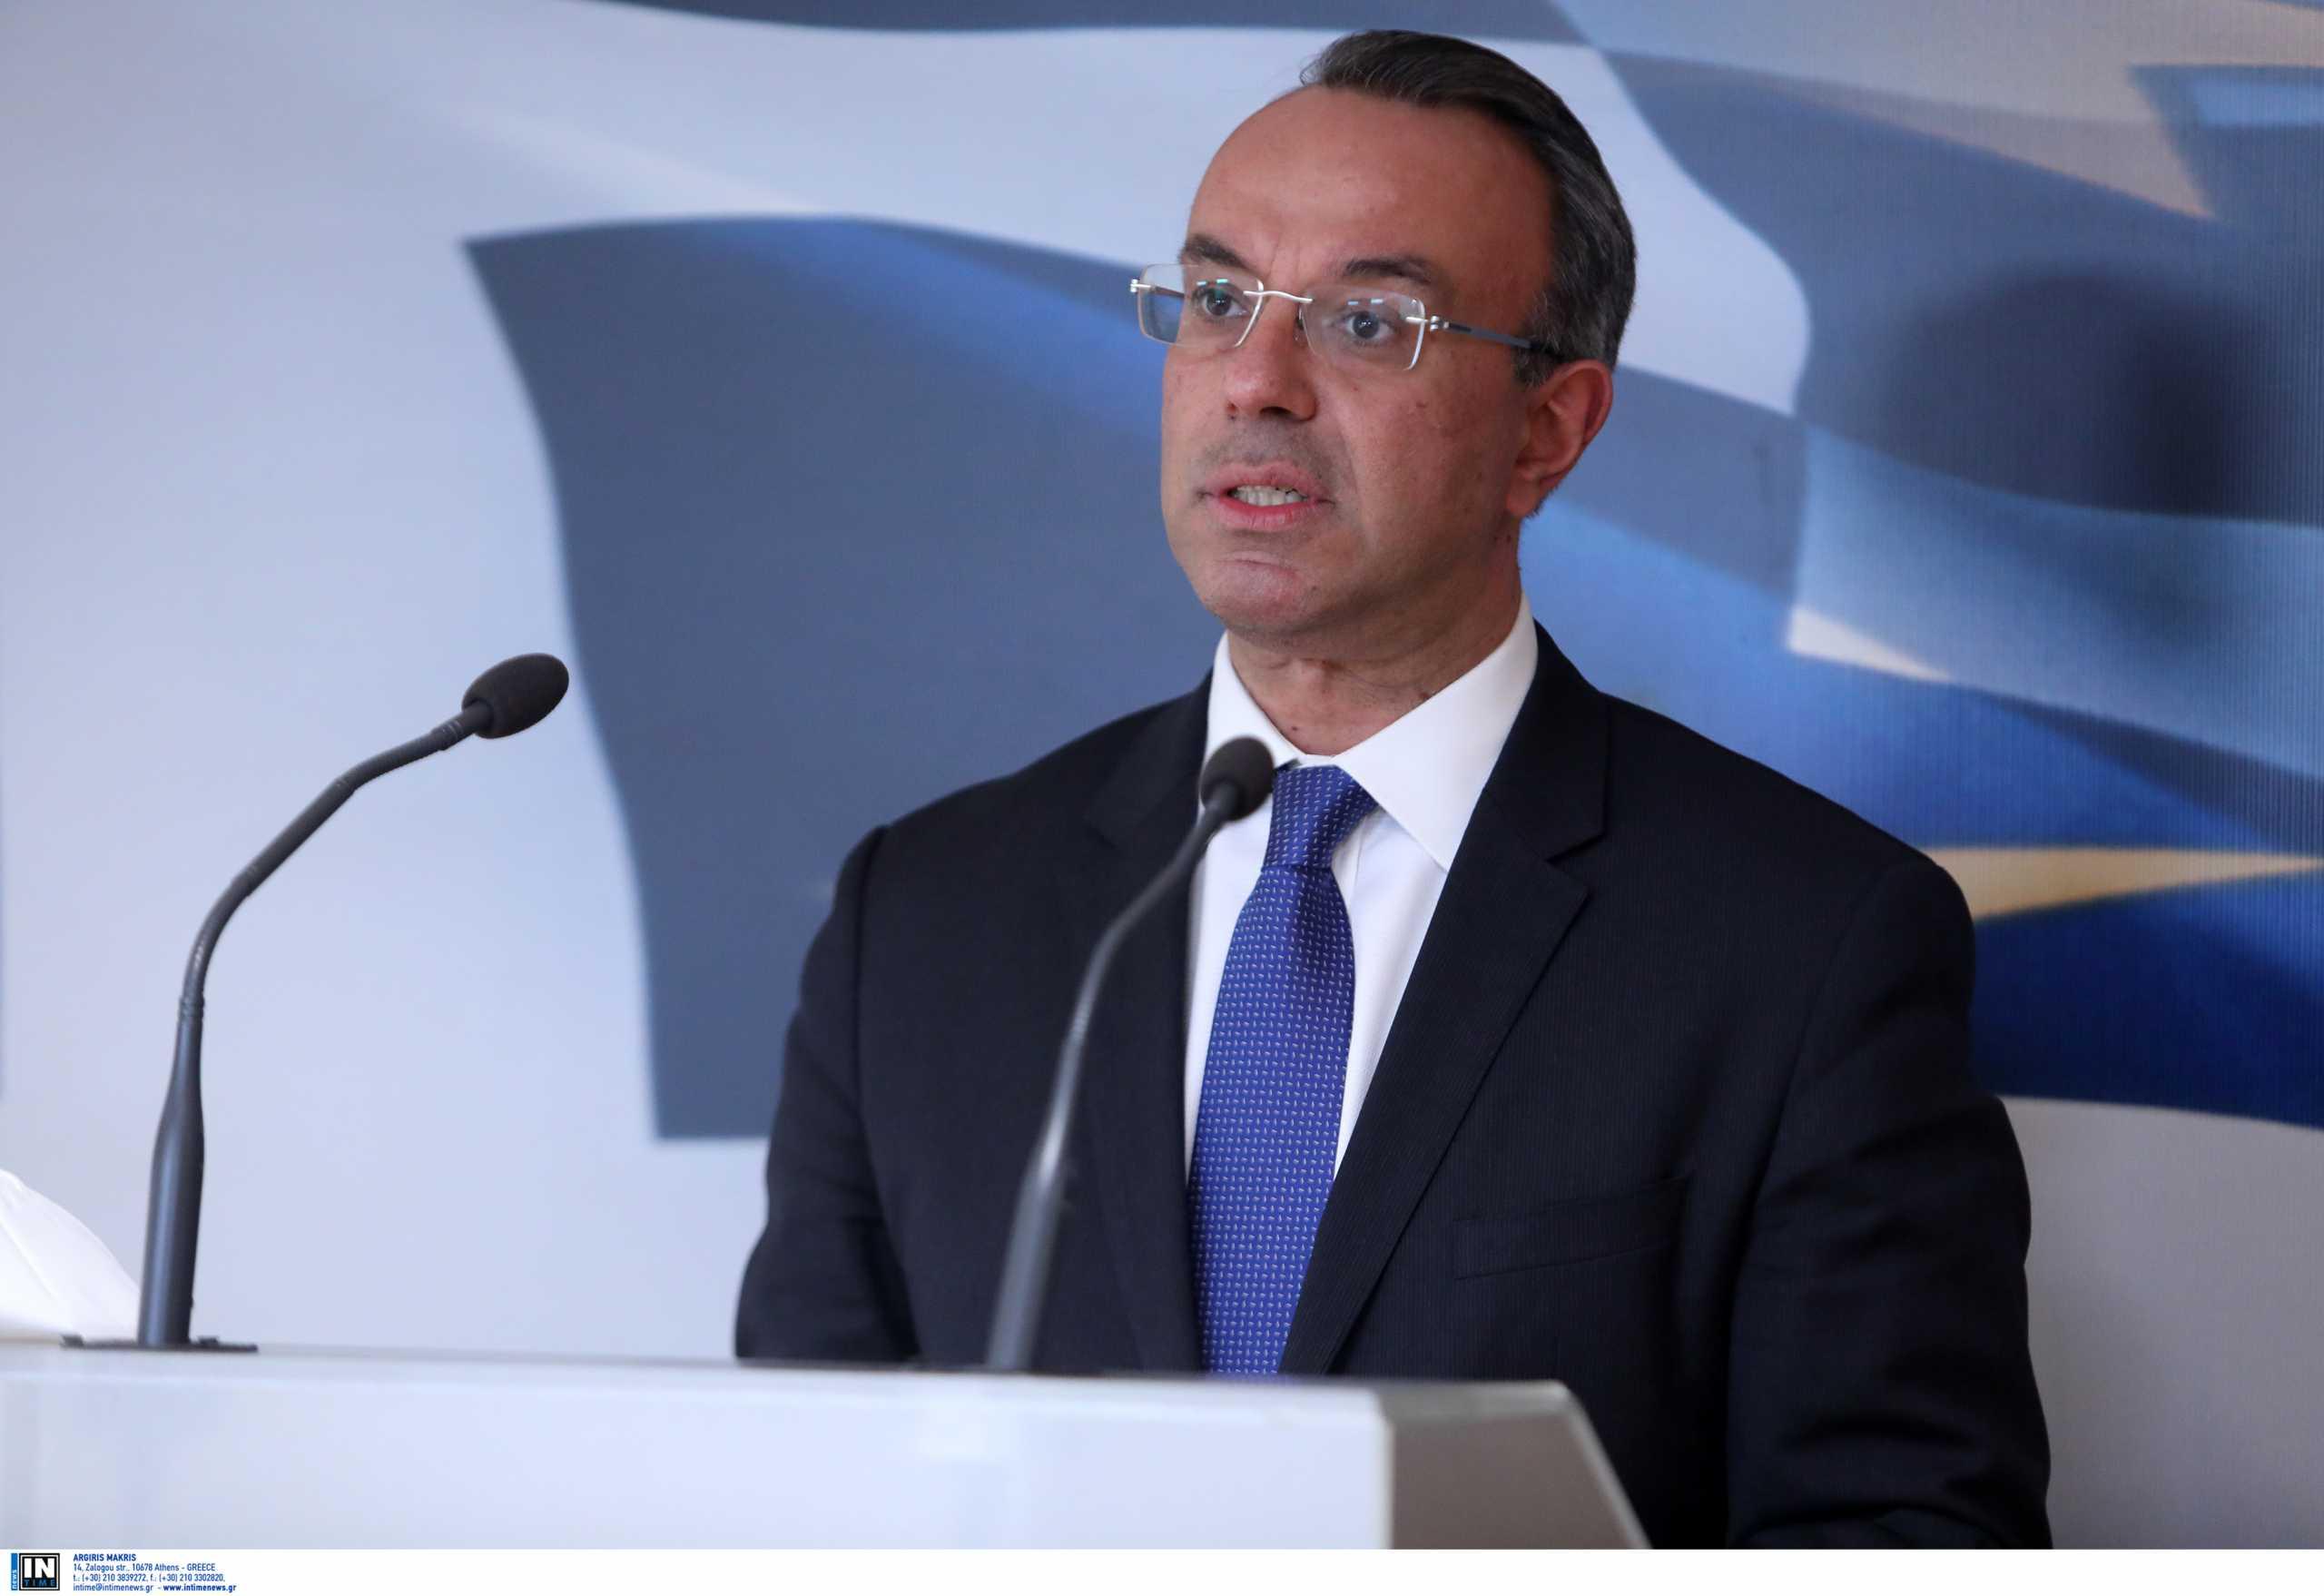 Σταϊκούρας: Θα υπάρξουν κι άλλες ενισχύσεις στον τουρισμό